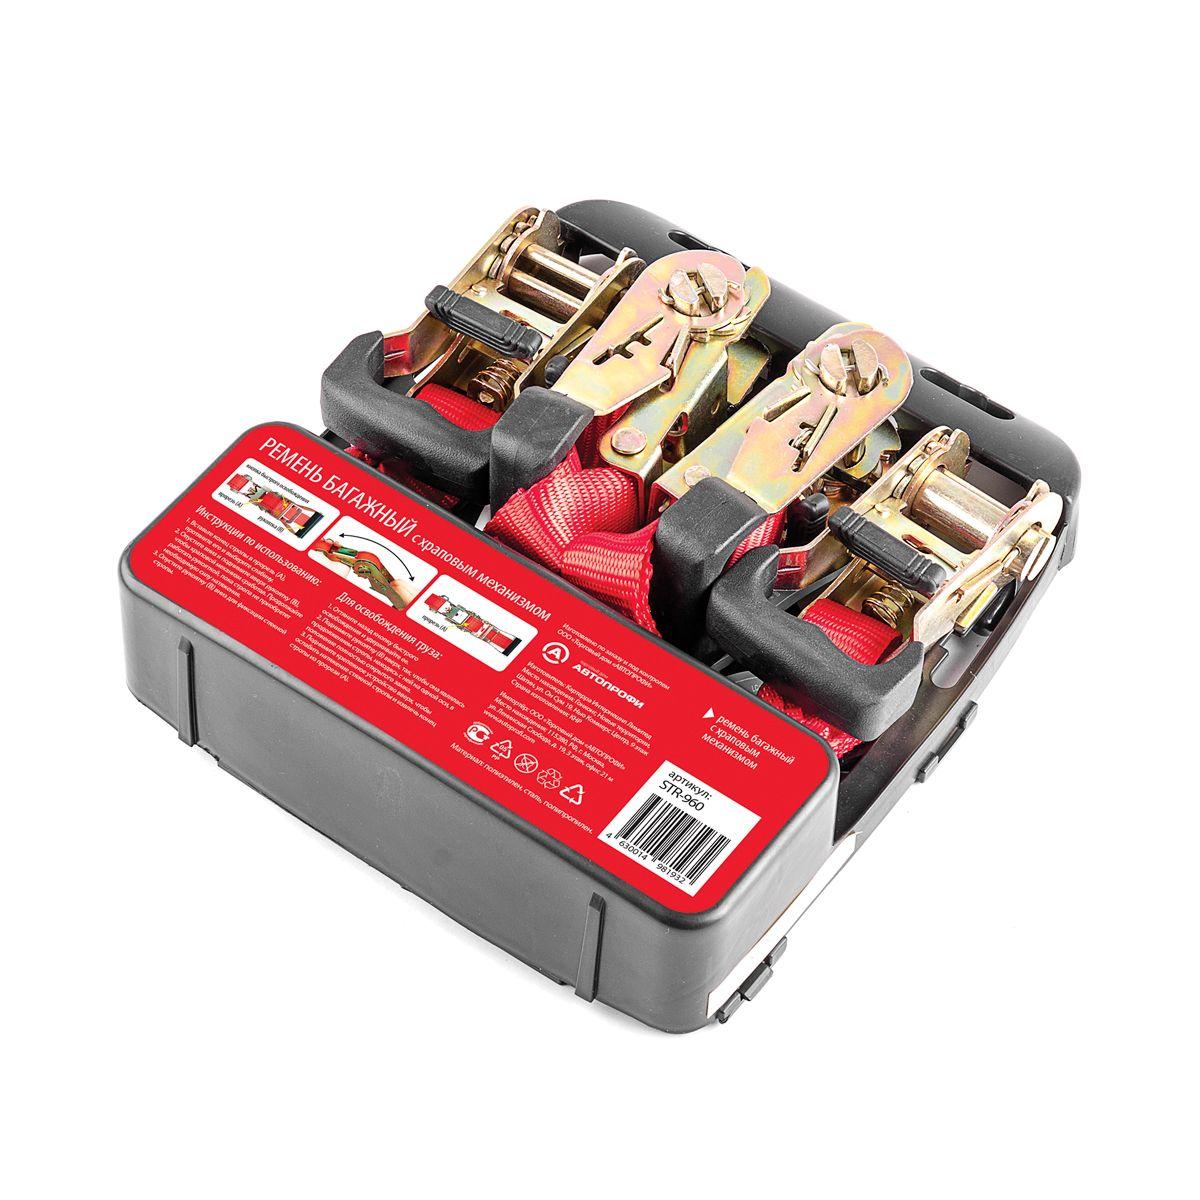 Ремень багажный Autoprofi, с храповым механизмом, 2,7 см, 4,5 м, 2 штSTR-960Стяжки для крепления груза Autoprofi позволят зафиксировать даже негабаритный багаж и предотвратить его повреждение при перевозке. Они могут применяться как в автомобиле, так и в остальных транспортных средствах. Кроме того, стяжки находят широкое применение в хозяйственно-бытовых нуждах. Например, с помощью стяжек груза можно закрепить багажник на автомобиле, сноуборд, доски для серфинга, строительный материал и многое другое. Длина: 4,5 м. Ширина: 2,7 см. Прочность на разрыв: 960 кг.